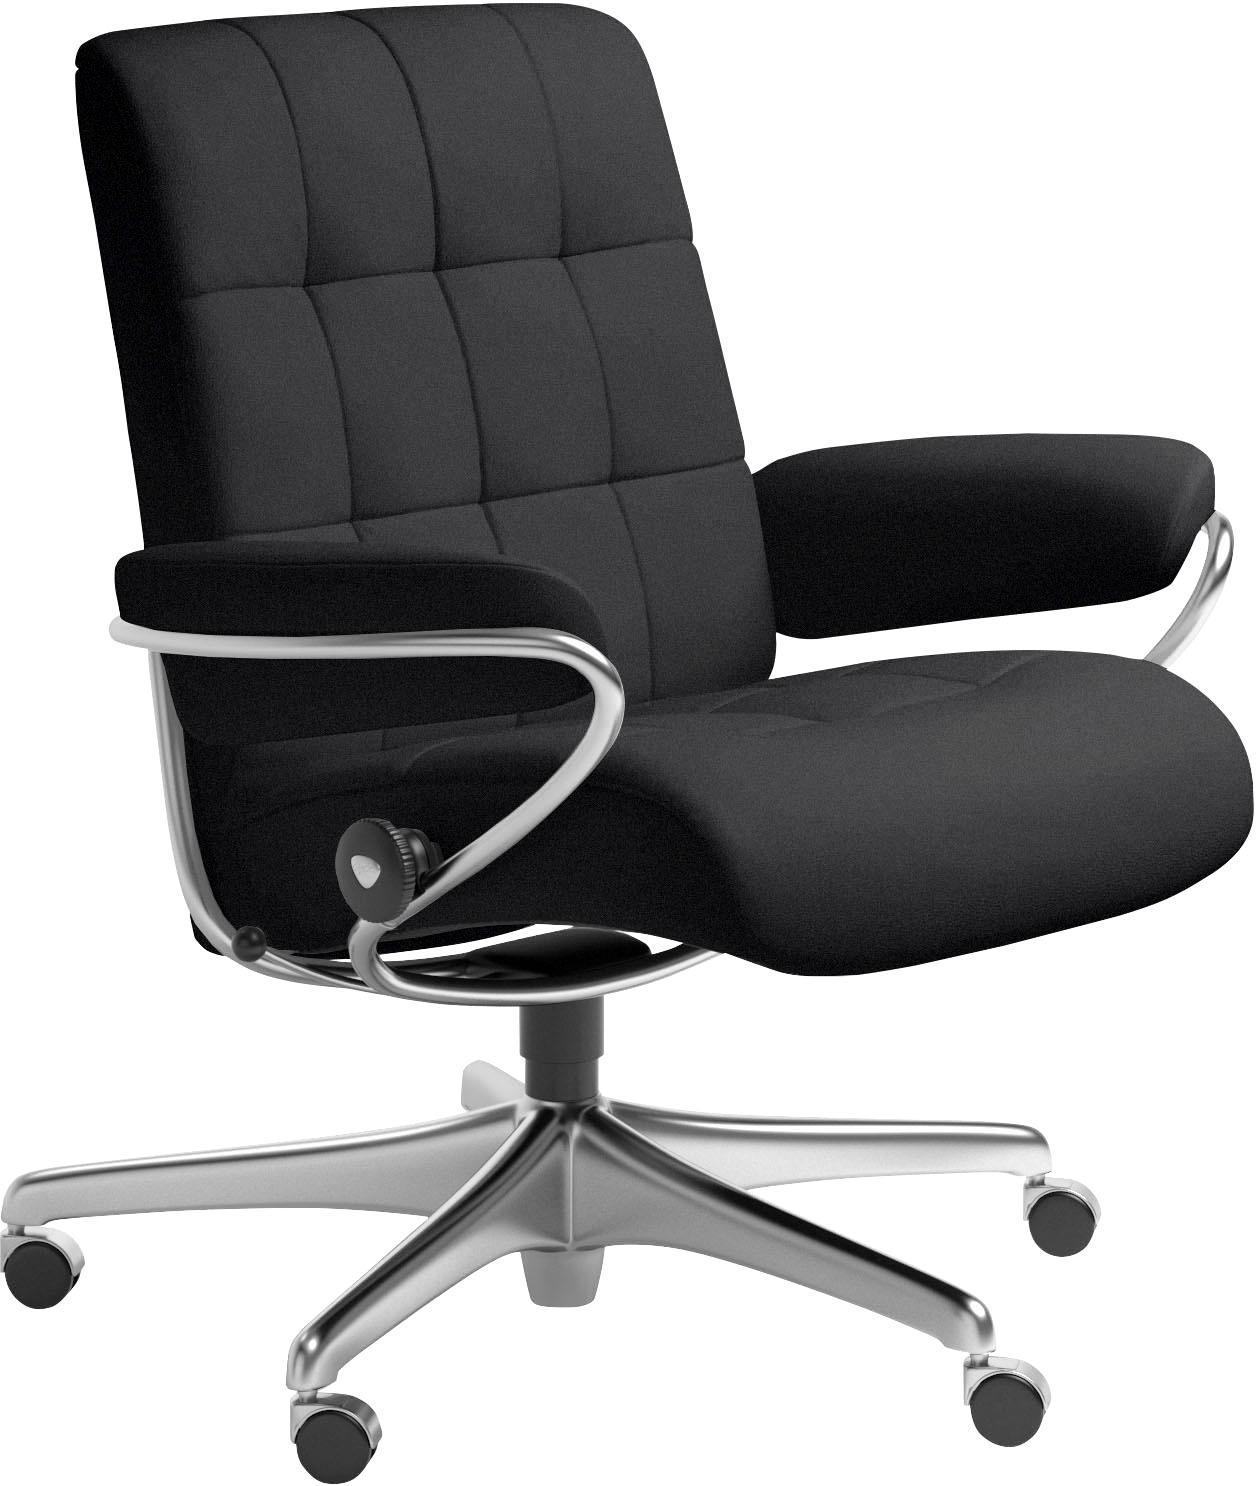 Stressless® Niedriglehner Relax- Bürosessel Home Office  London  Preisvergleich